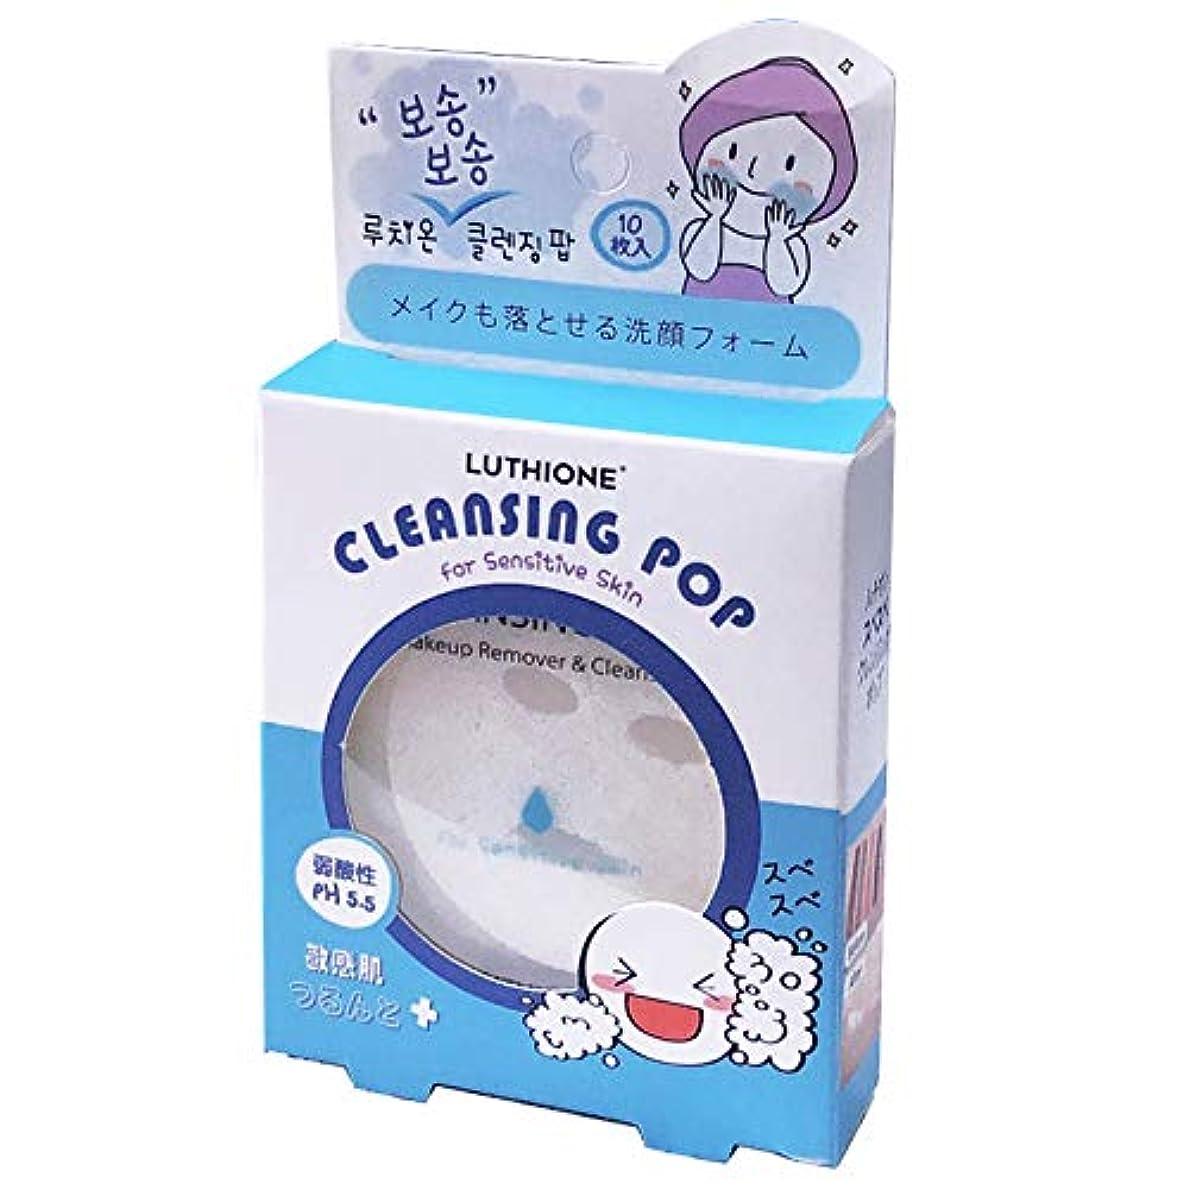 ペインギリック歩く酔った【まとめ買い】ルチオン クレンジングポップ (LUTHIONE CLEANSING POP) 敏感肌 10枚入り ×10個